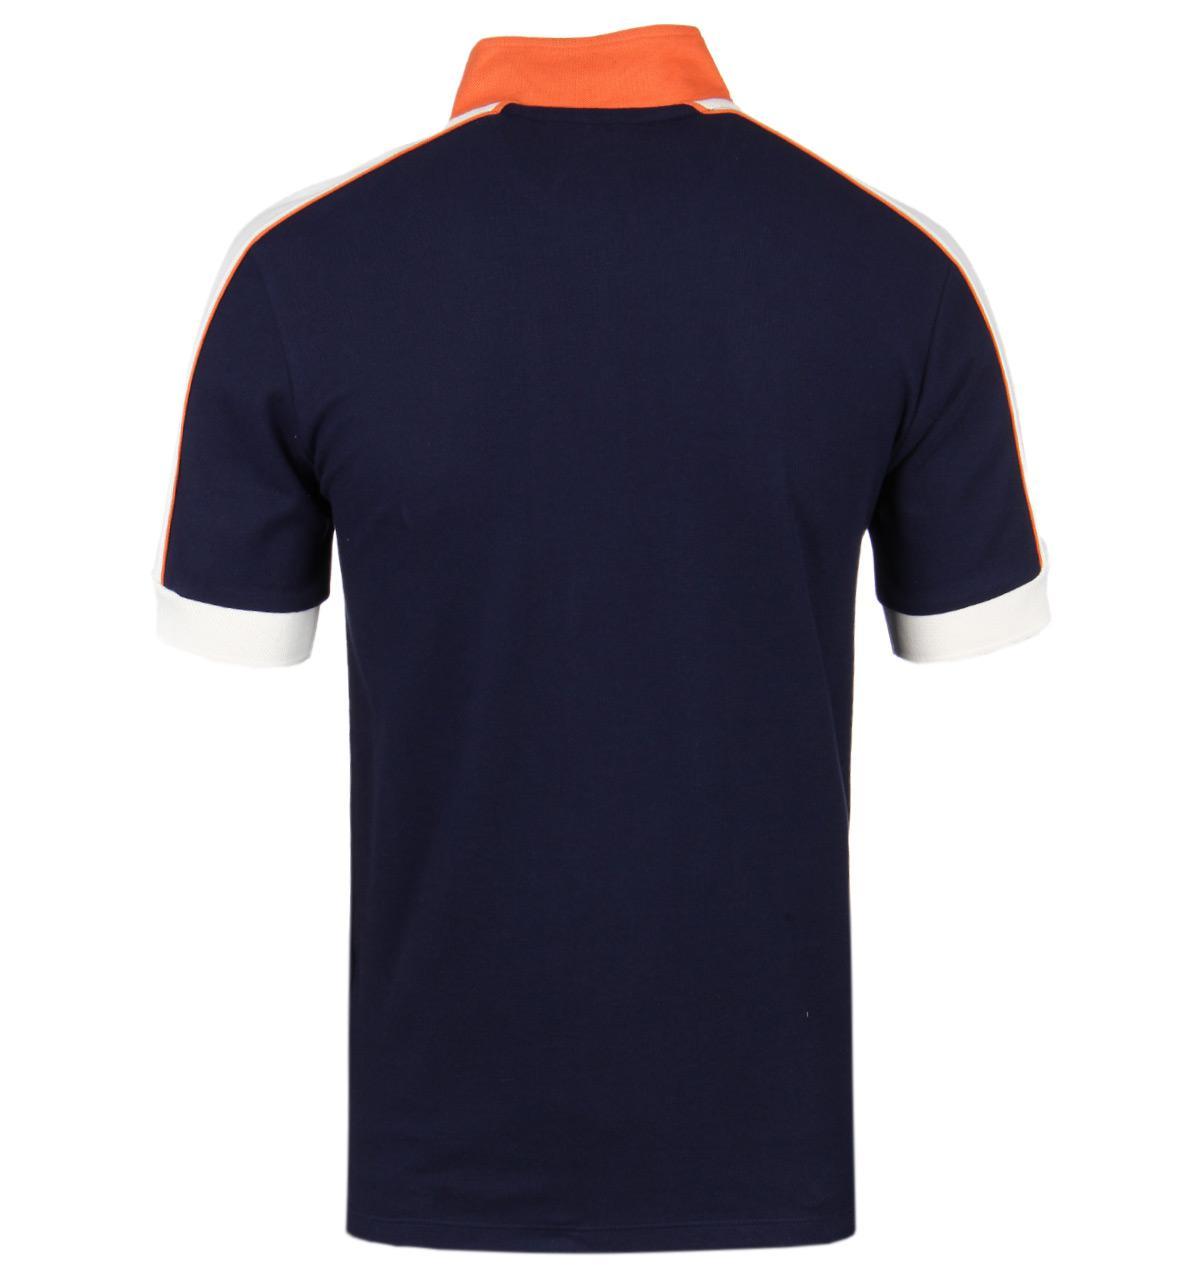 Fila Cotton Navy Funnel Zip Neck Pique Polo Shirt in Blue for Men